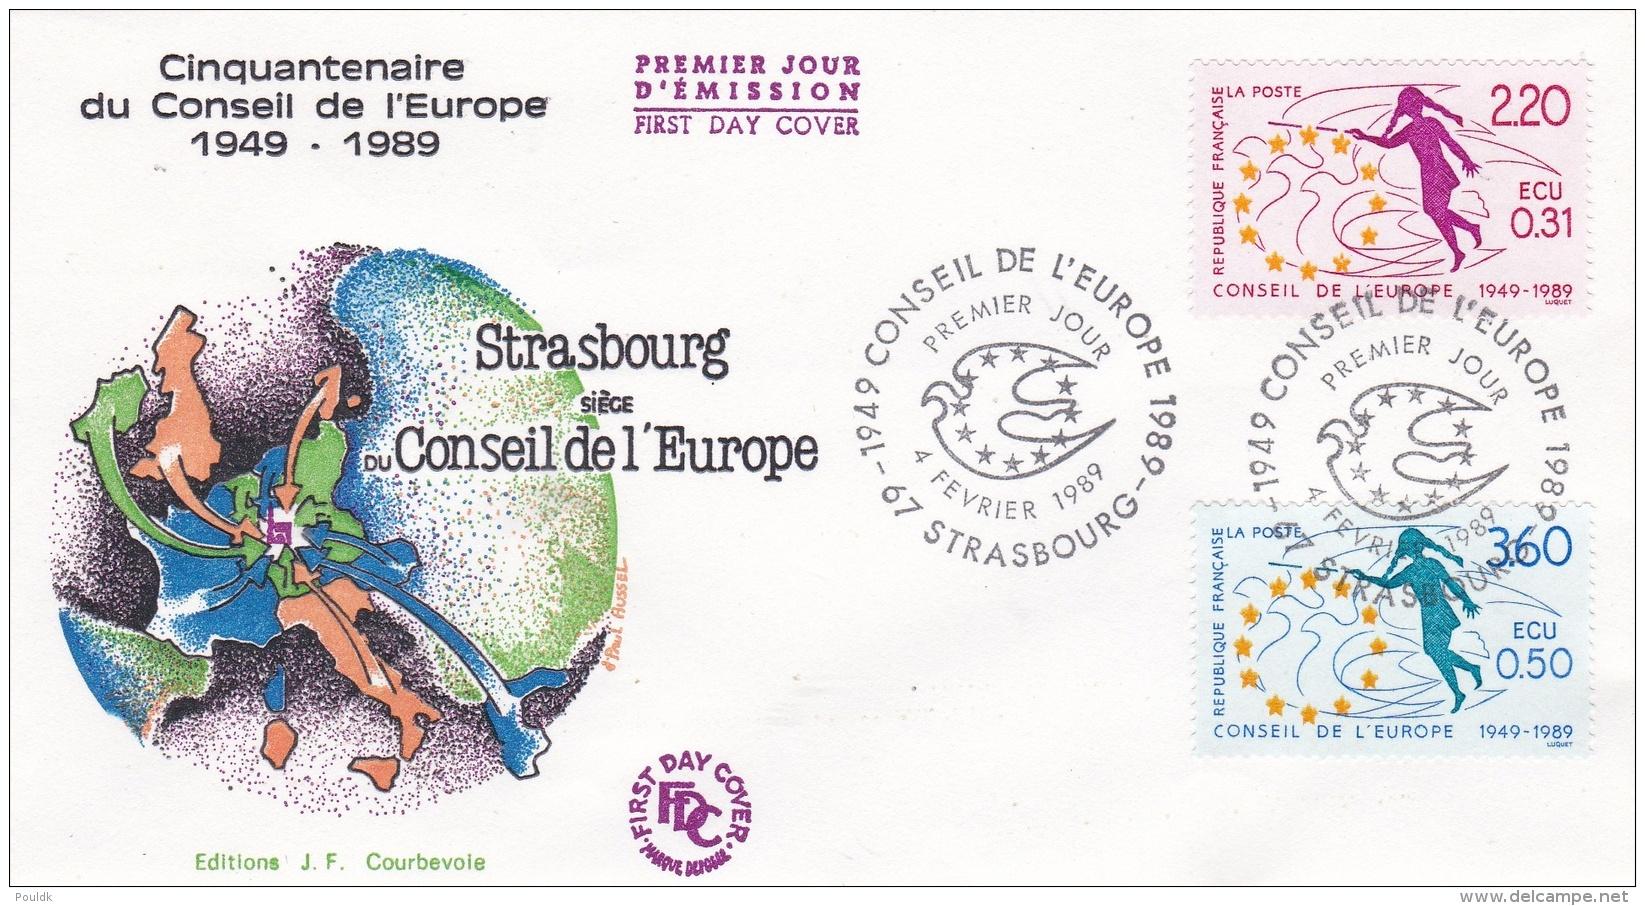 France FDC 1989 Cinquantenaire Du Conceil De L'Europe (DD10-20) - FDC